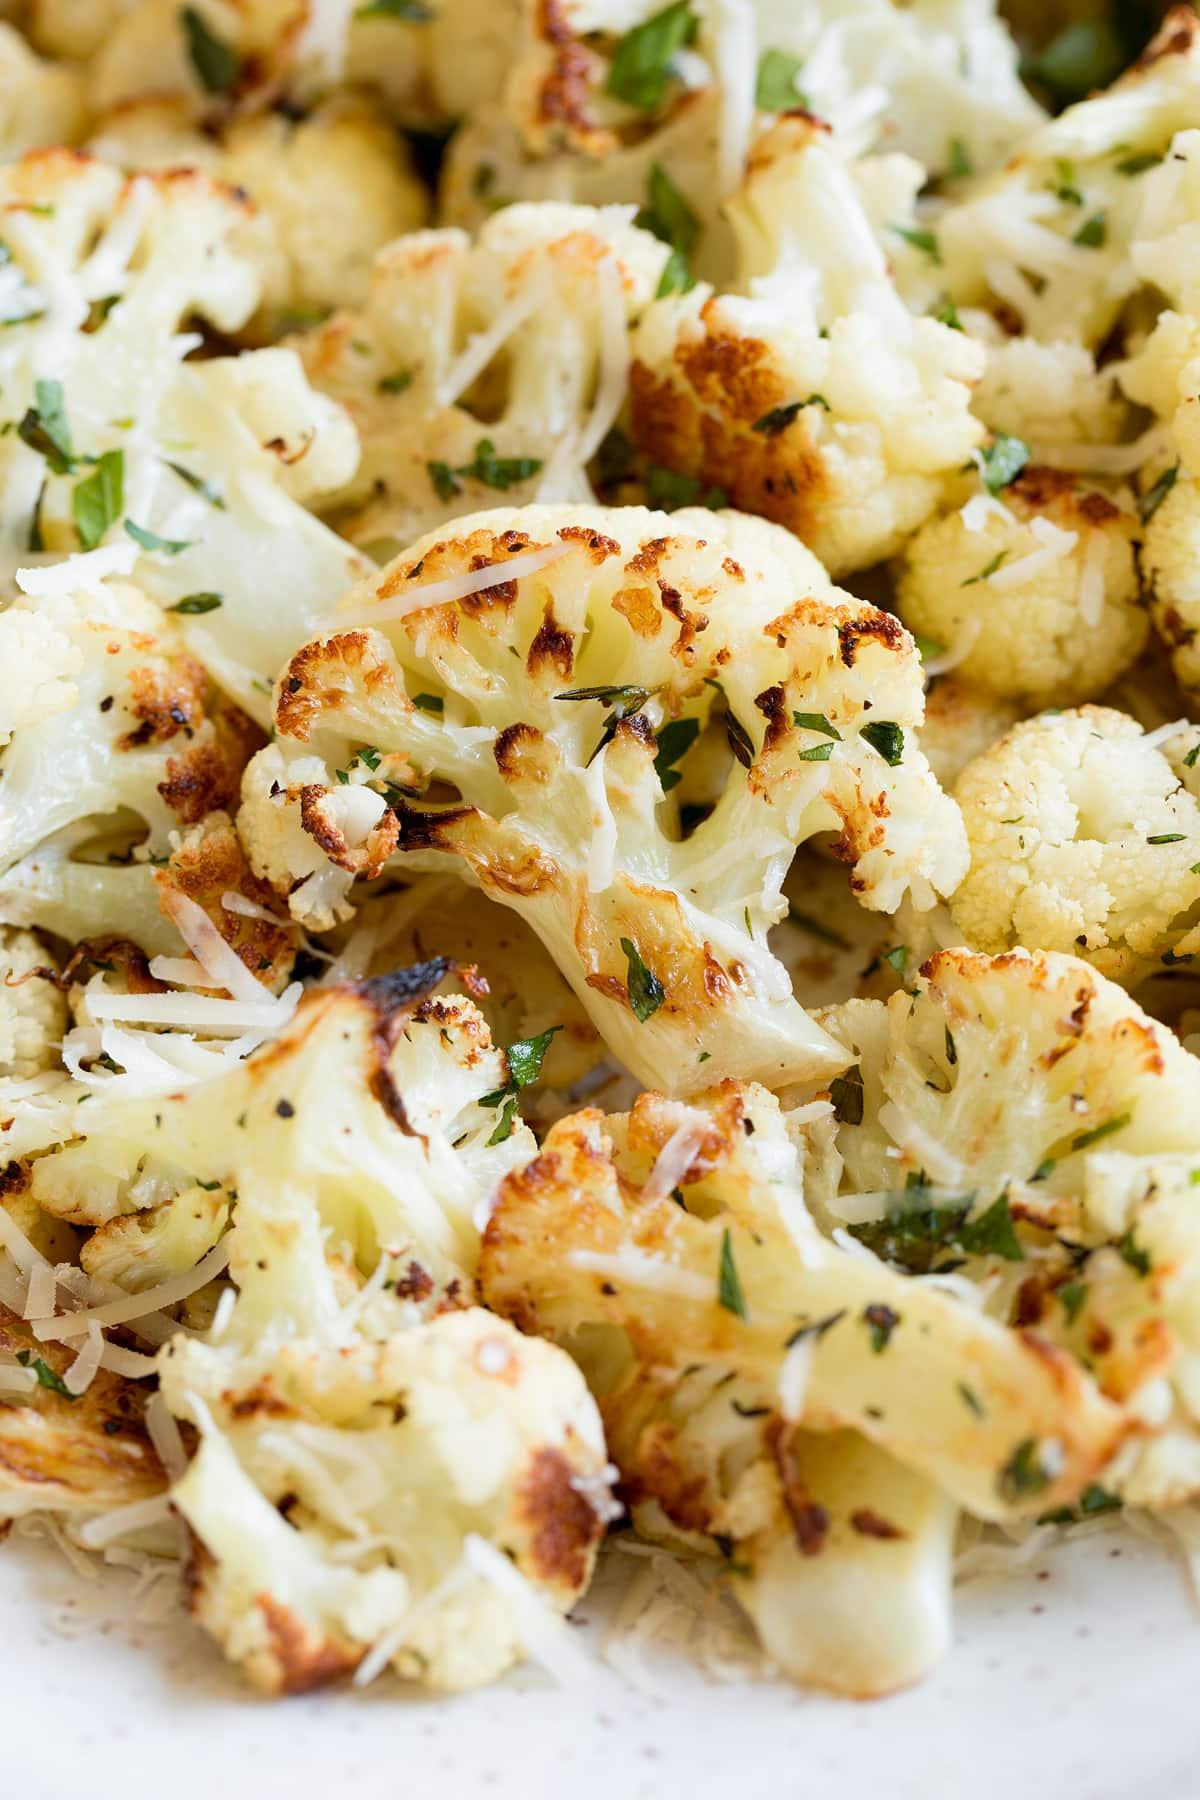 Close up image of roasted cauliflower.